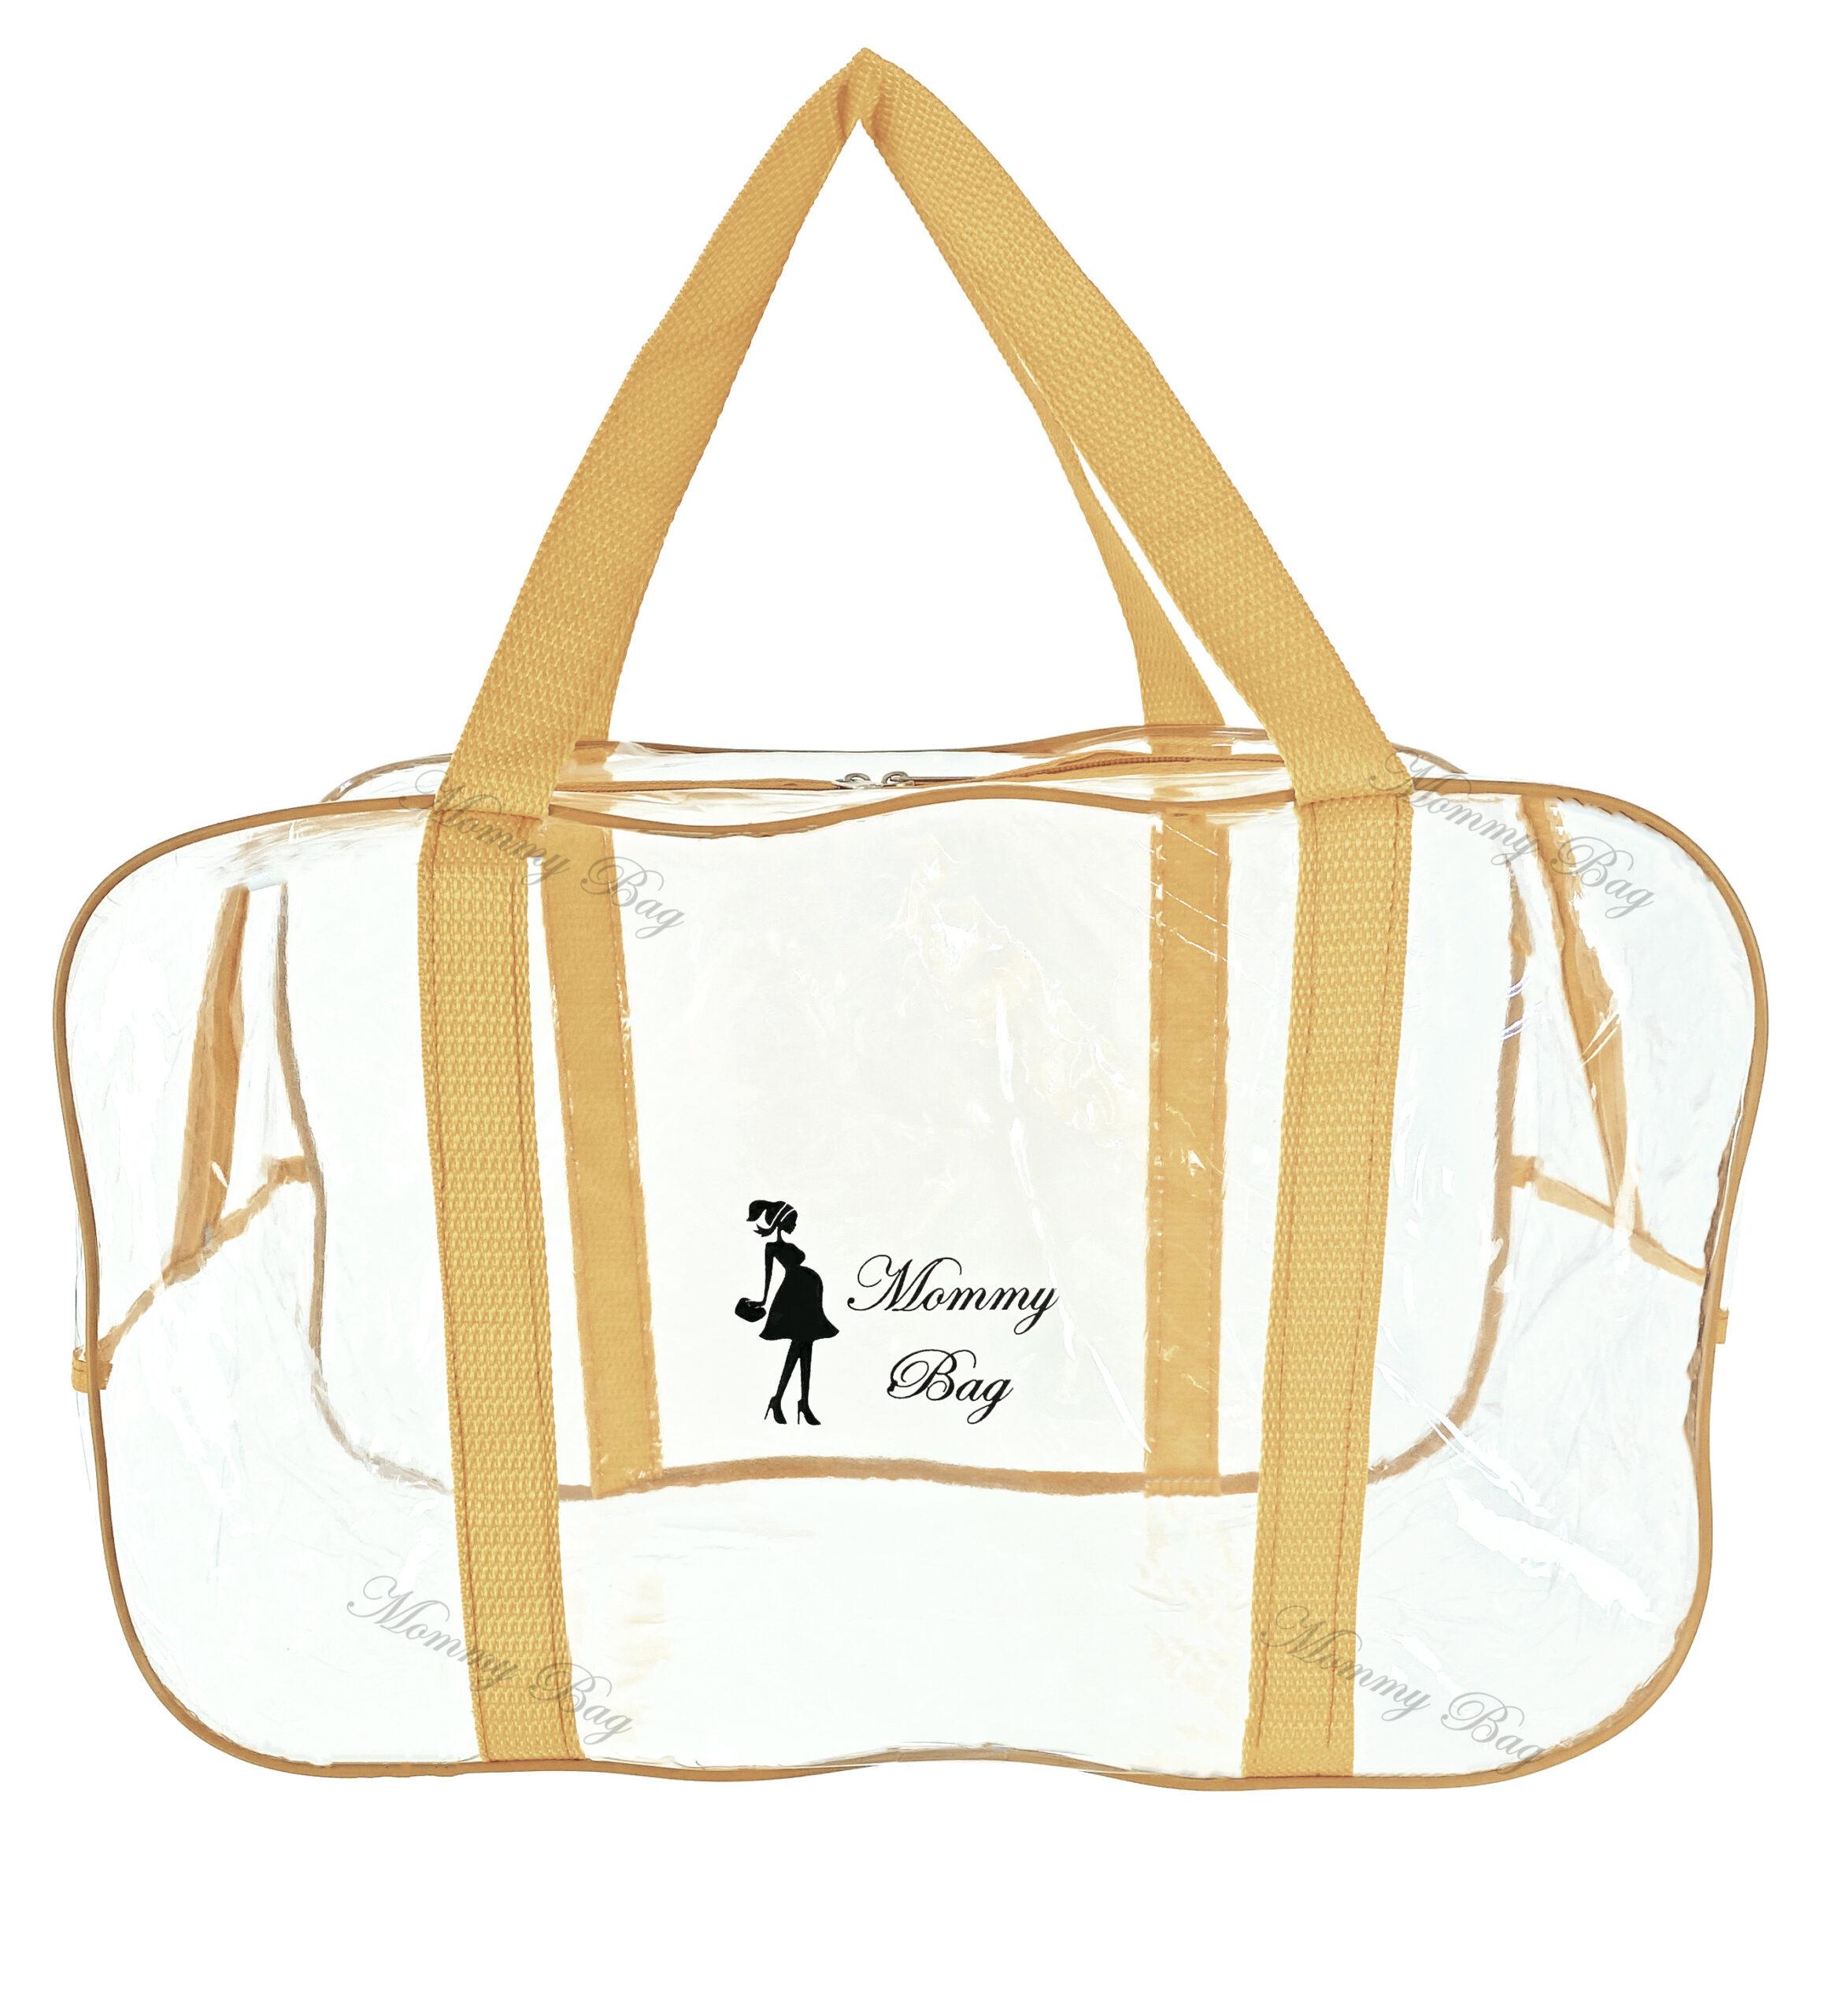 Набір з прозорих сумок в пологовий будинок Mommy Bag, колір сумки - Бежевий. Зображення 8